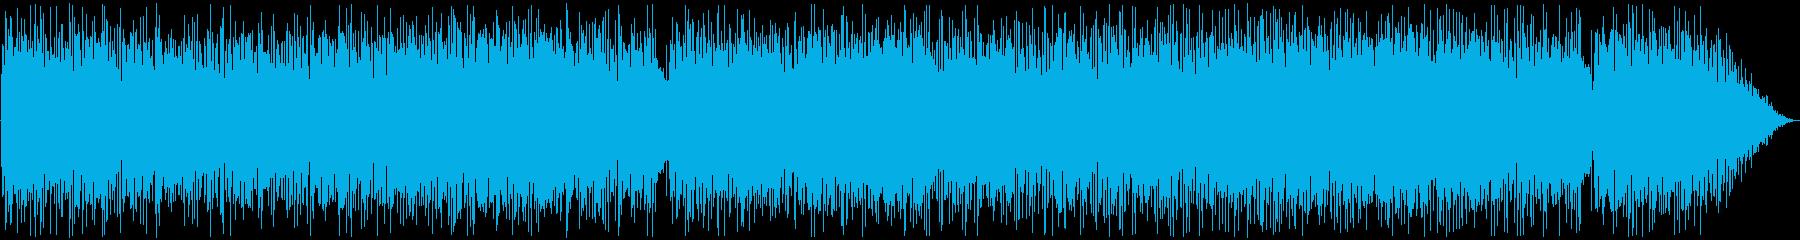 80年代のフュージョンバンド風の再生済みの波形